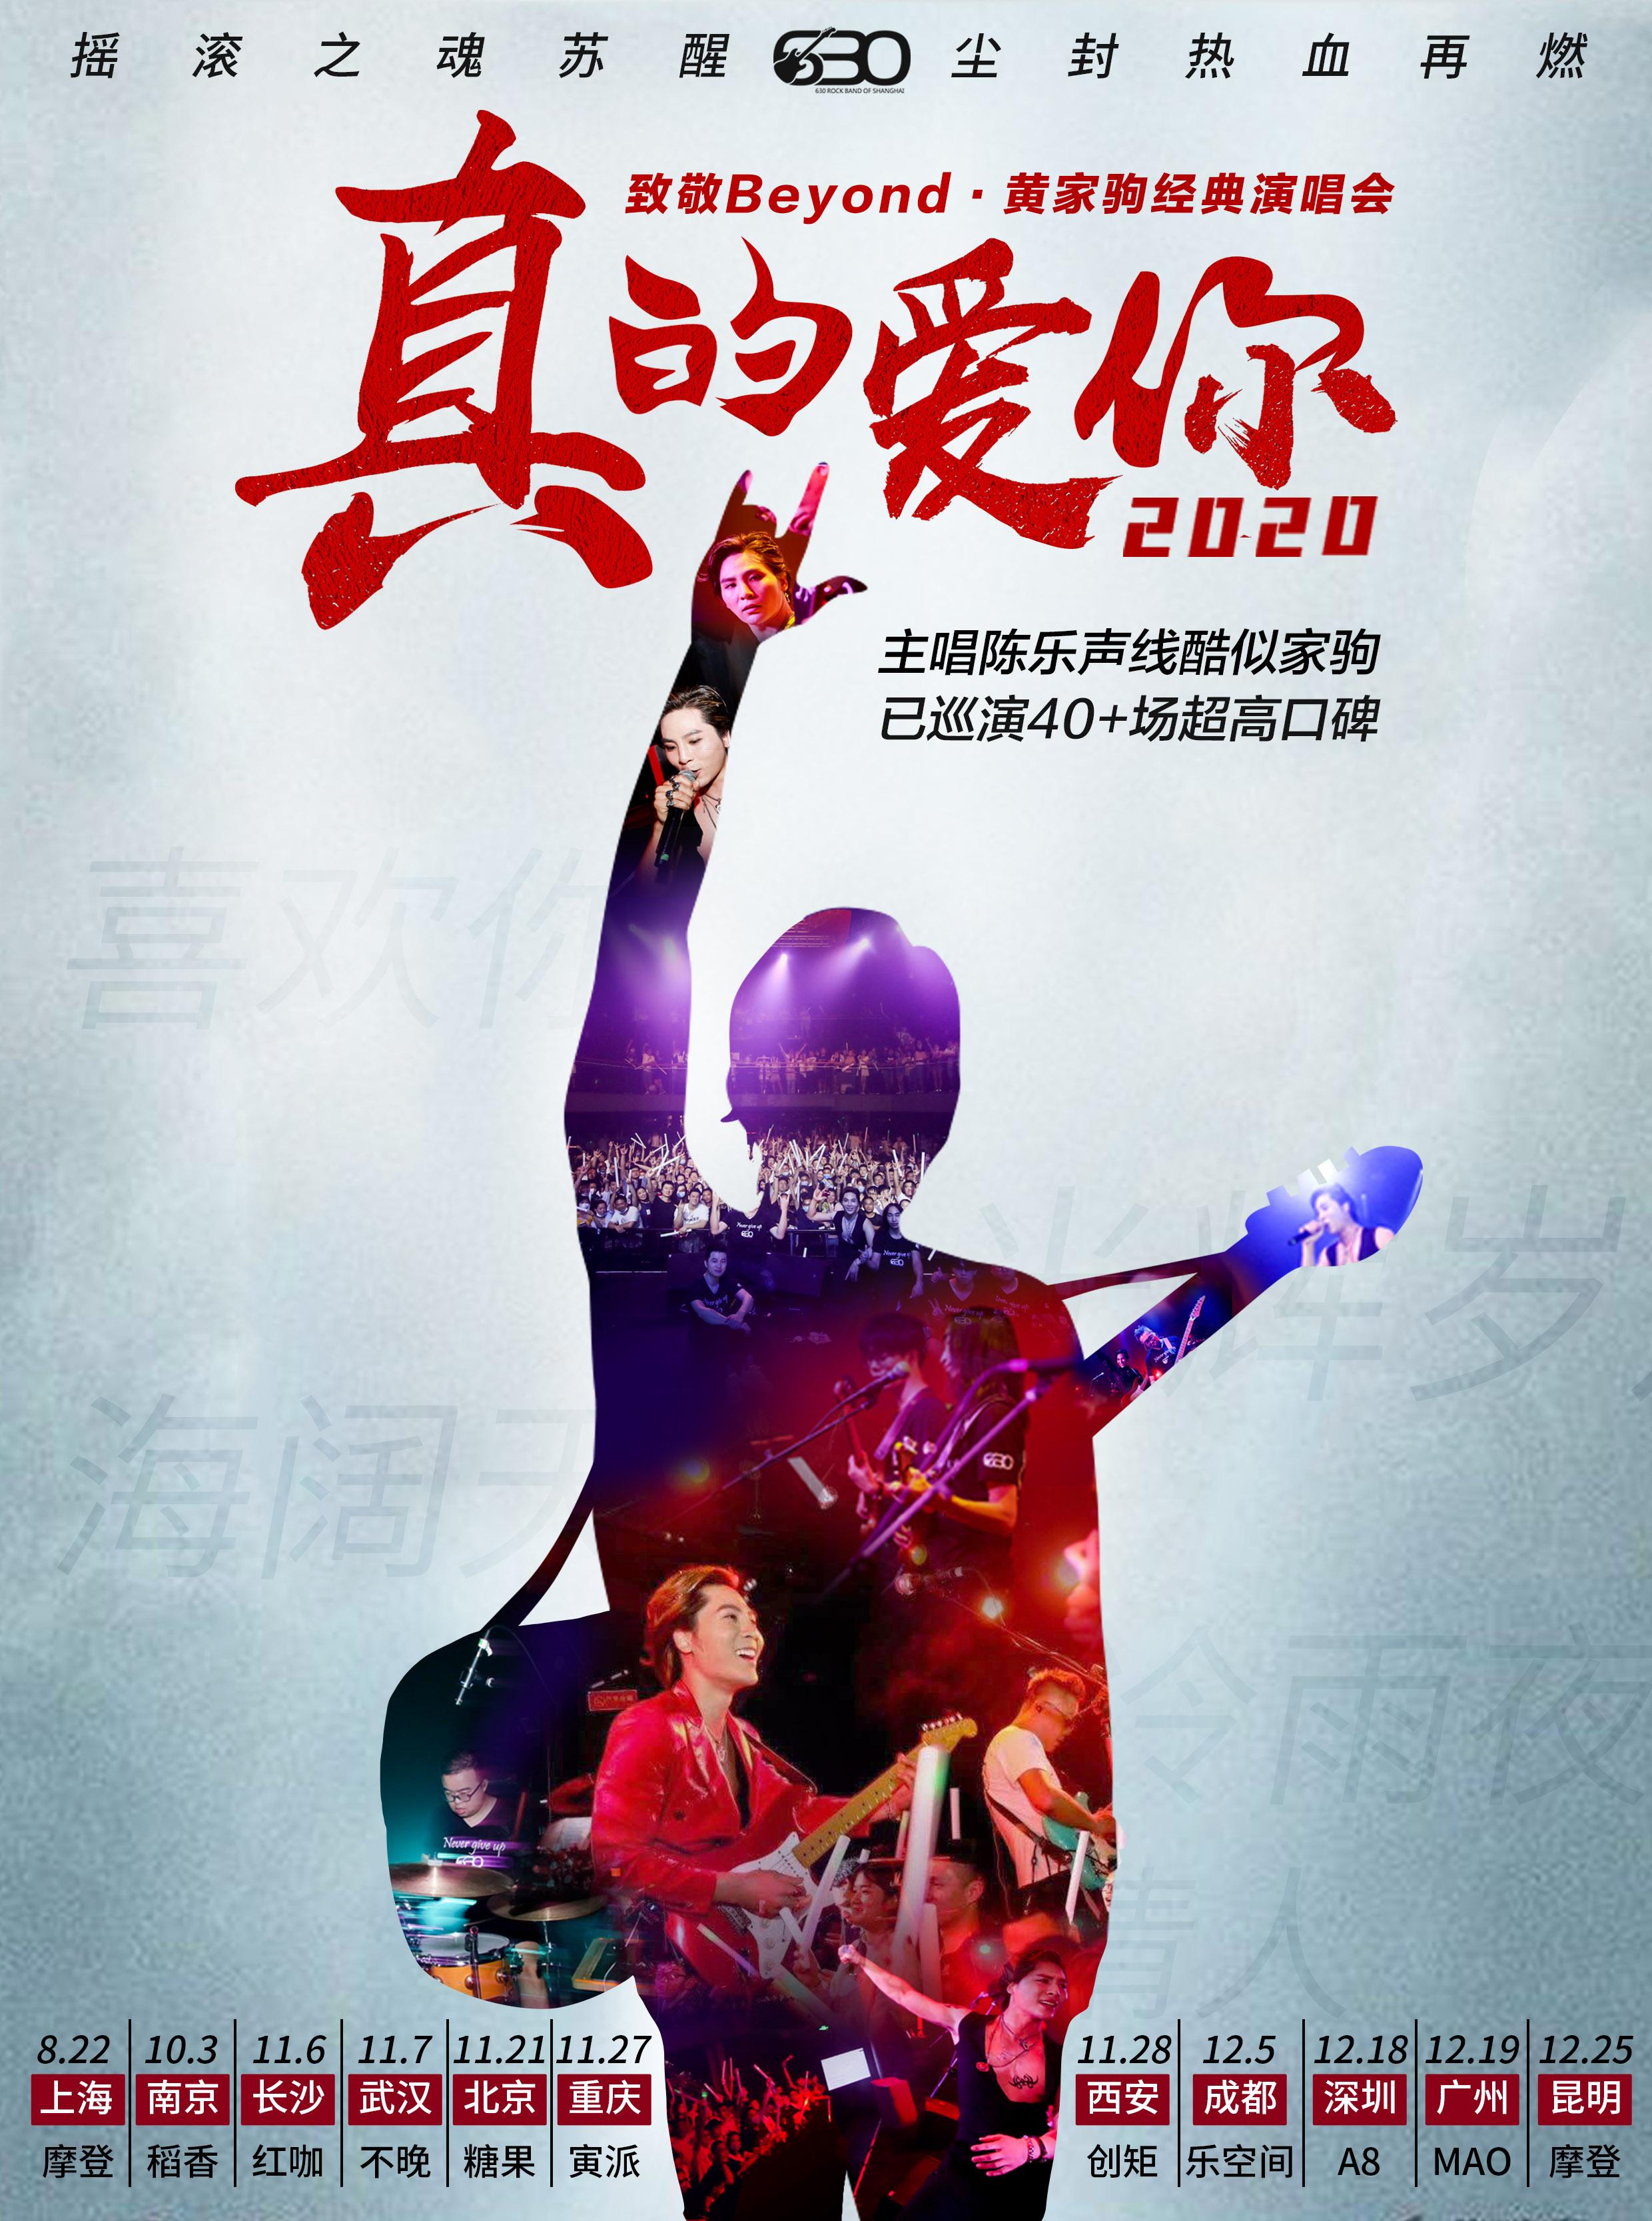 【北京】真的爱你-致敬BEYOND·黄家驹演唱会北京站